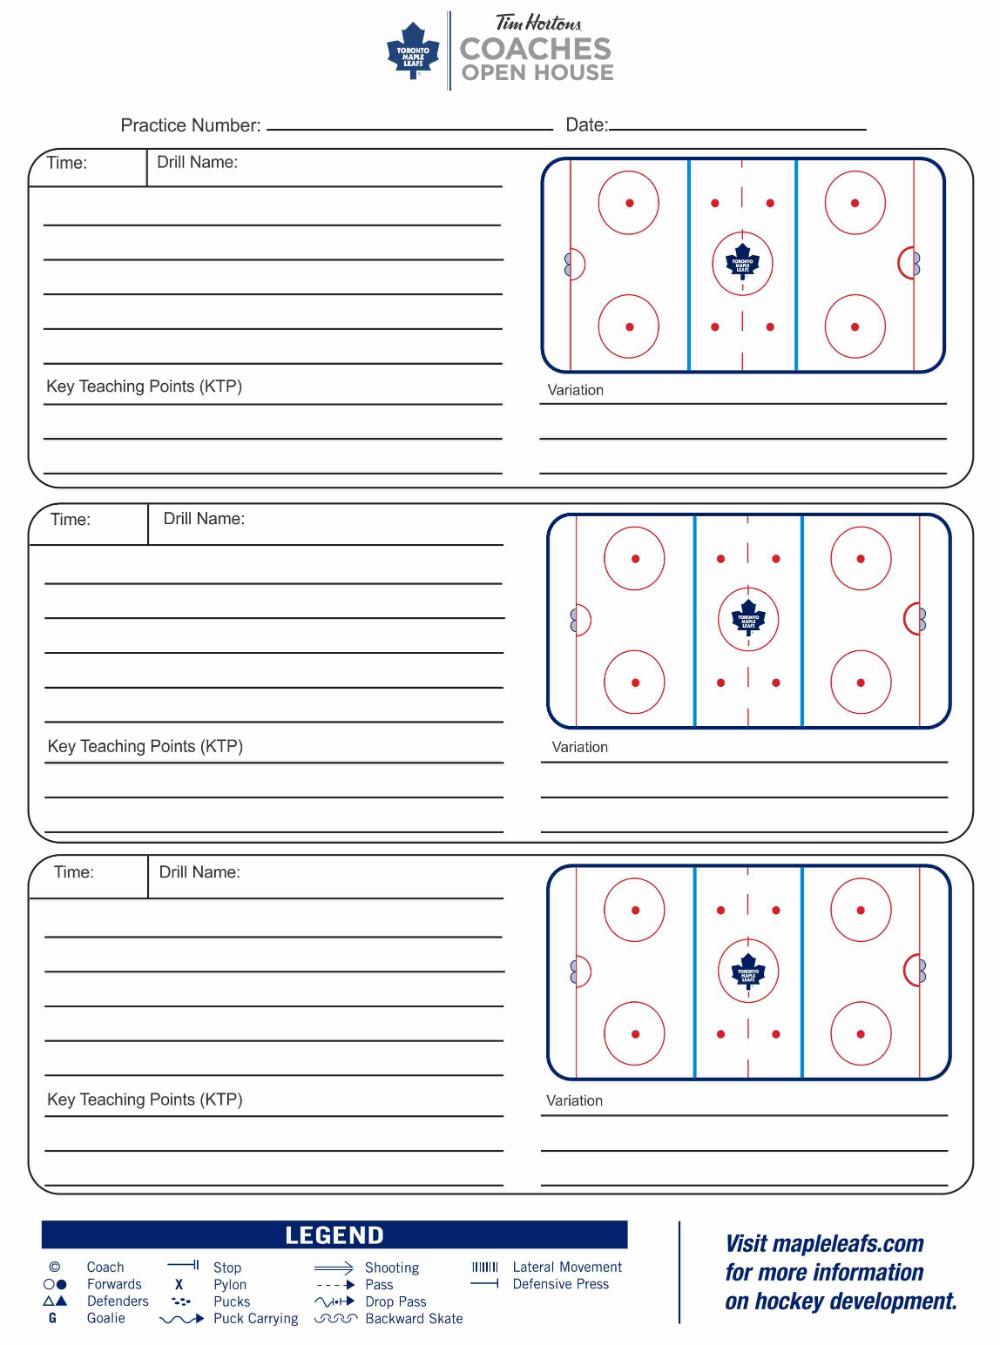 Blank Hockey Practice Plan Template 4 Professional Templates Basketball Practice Plans Basketball Practice Schedule Template